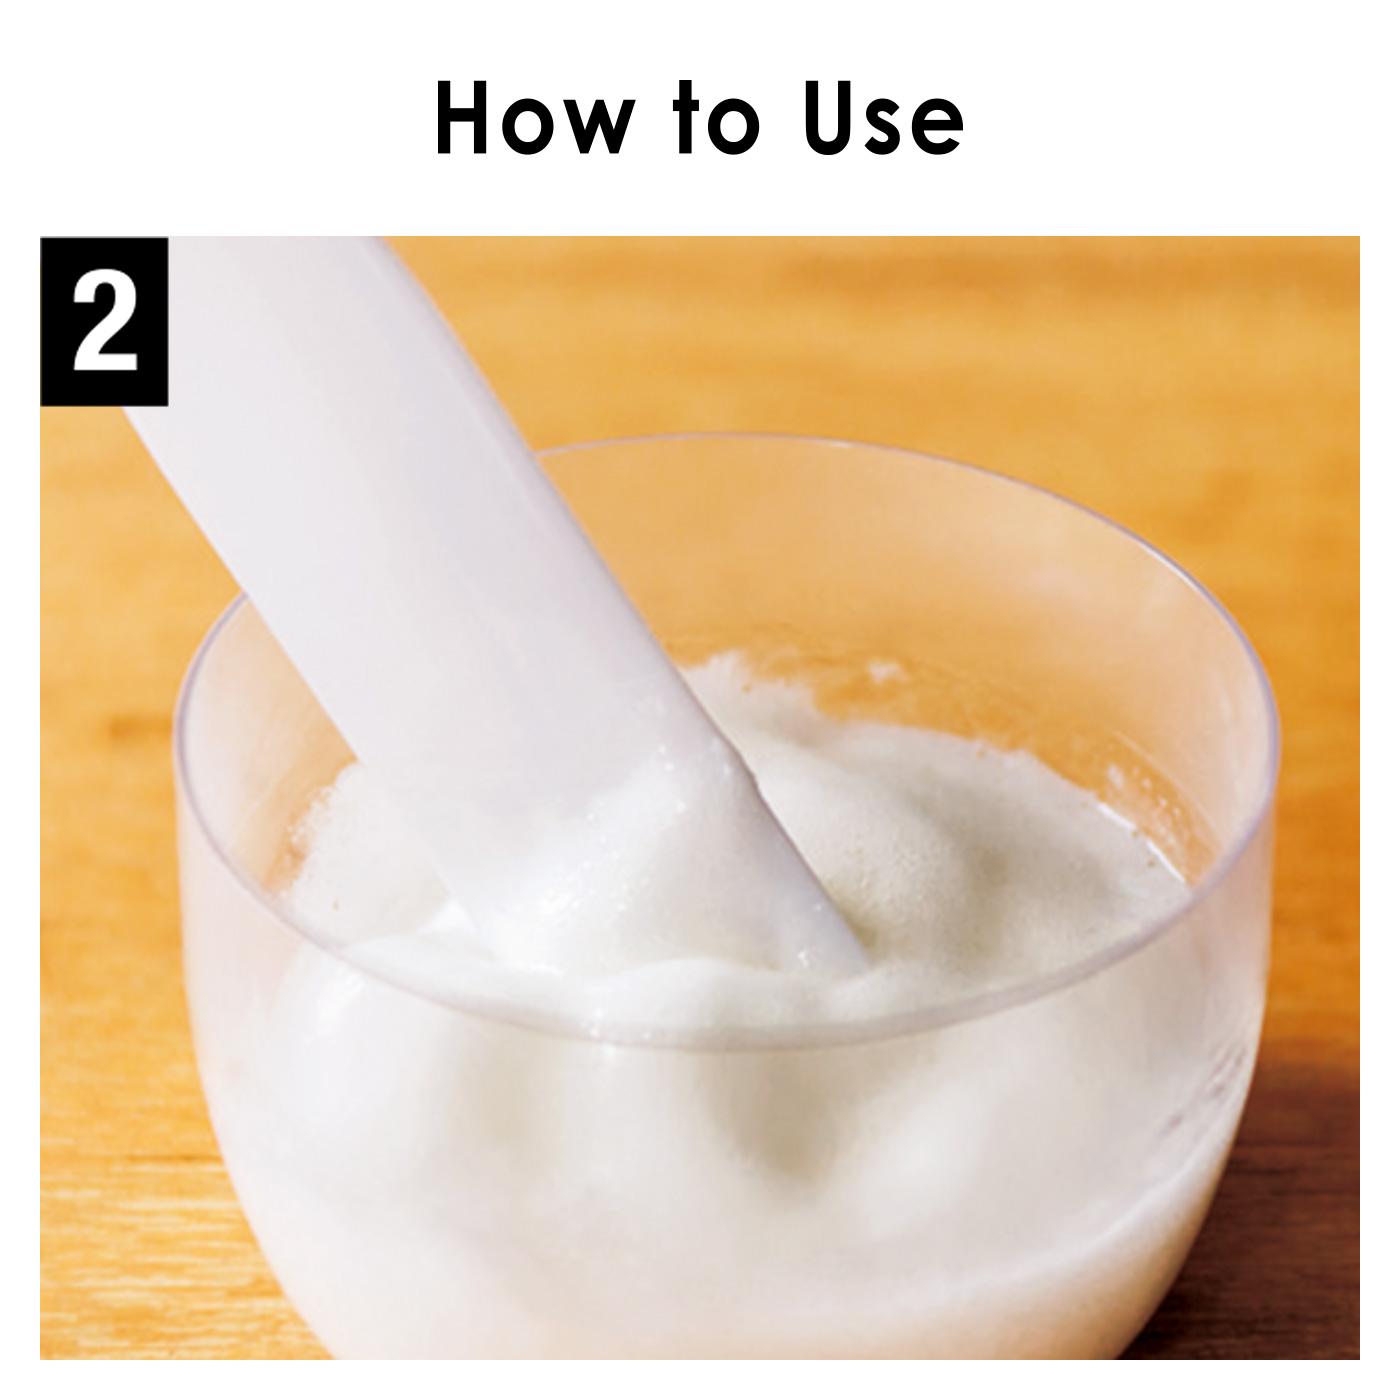 スパチュラで、1分間混ぜます。炭酸がジェルになじんでキメ細かくなったらOK。